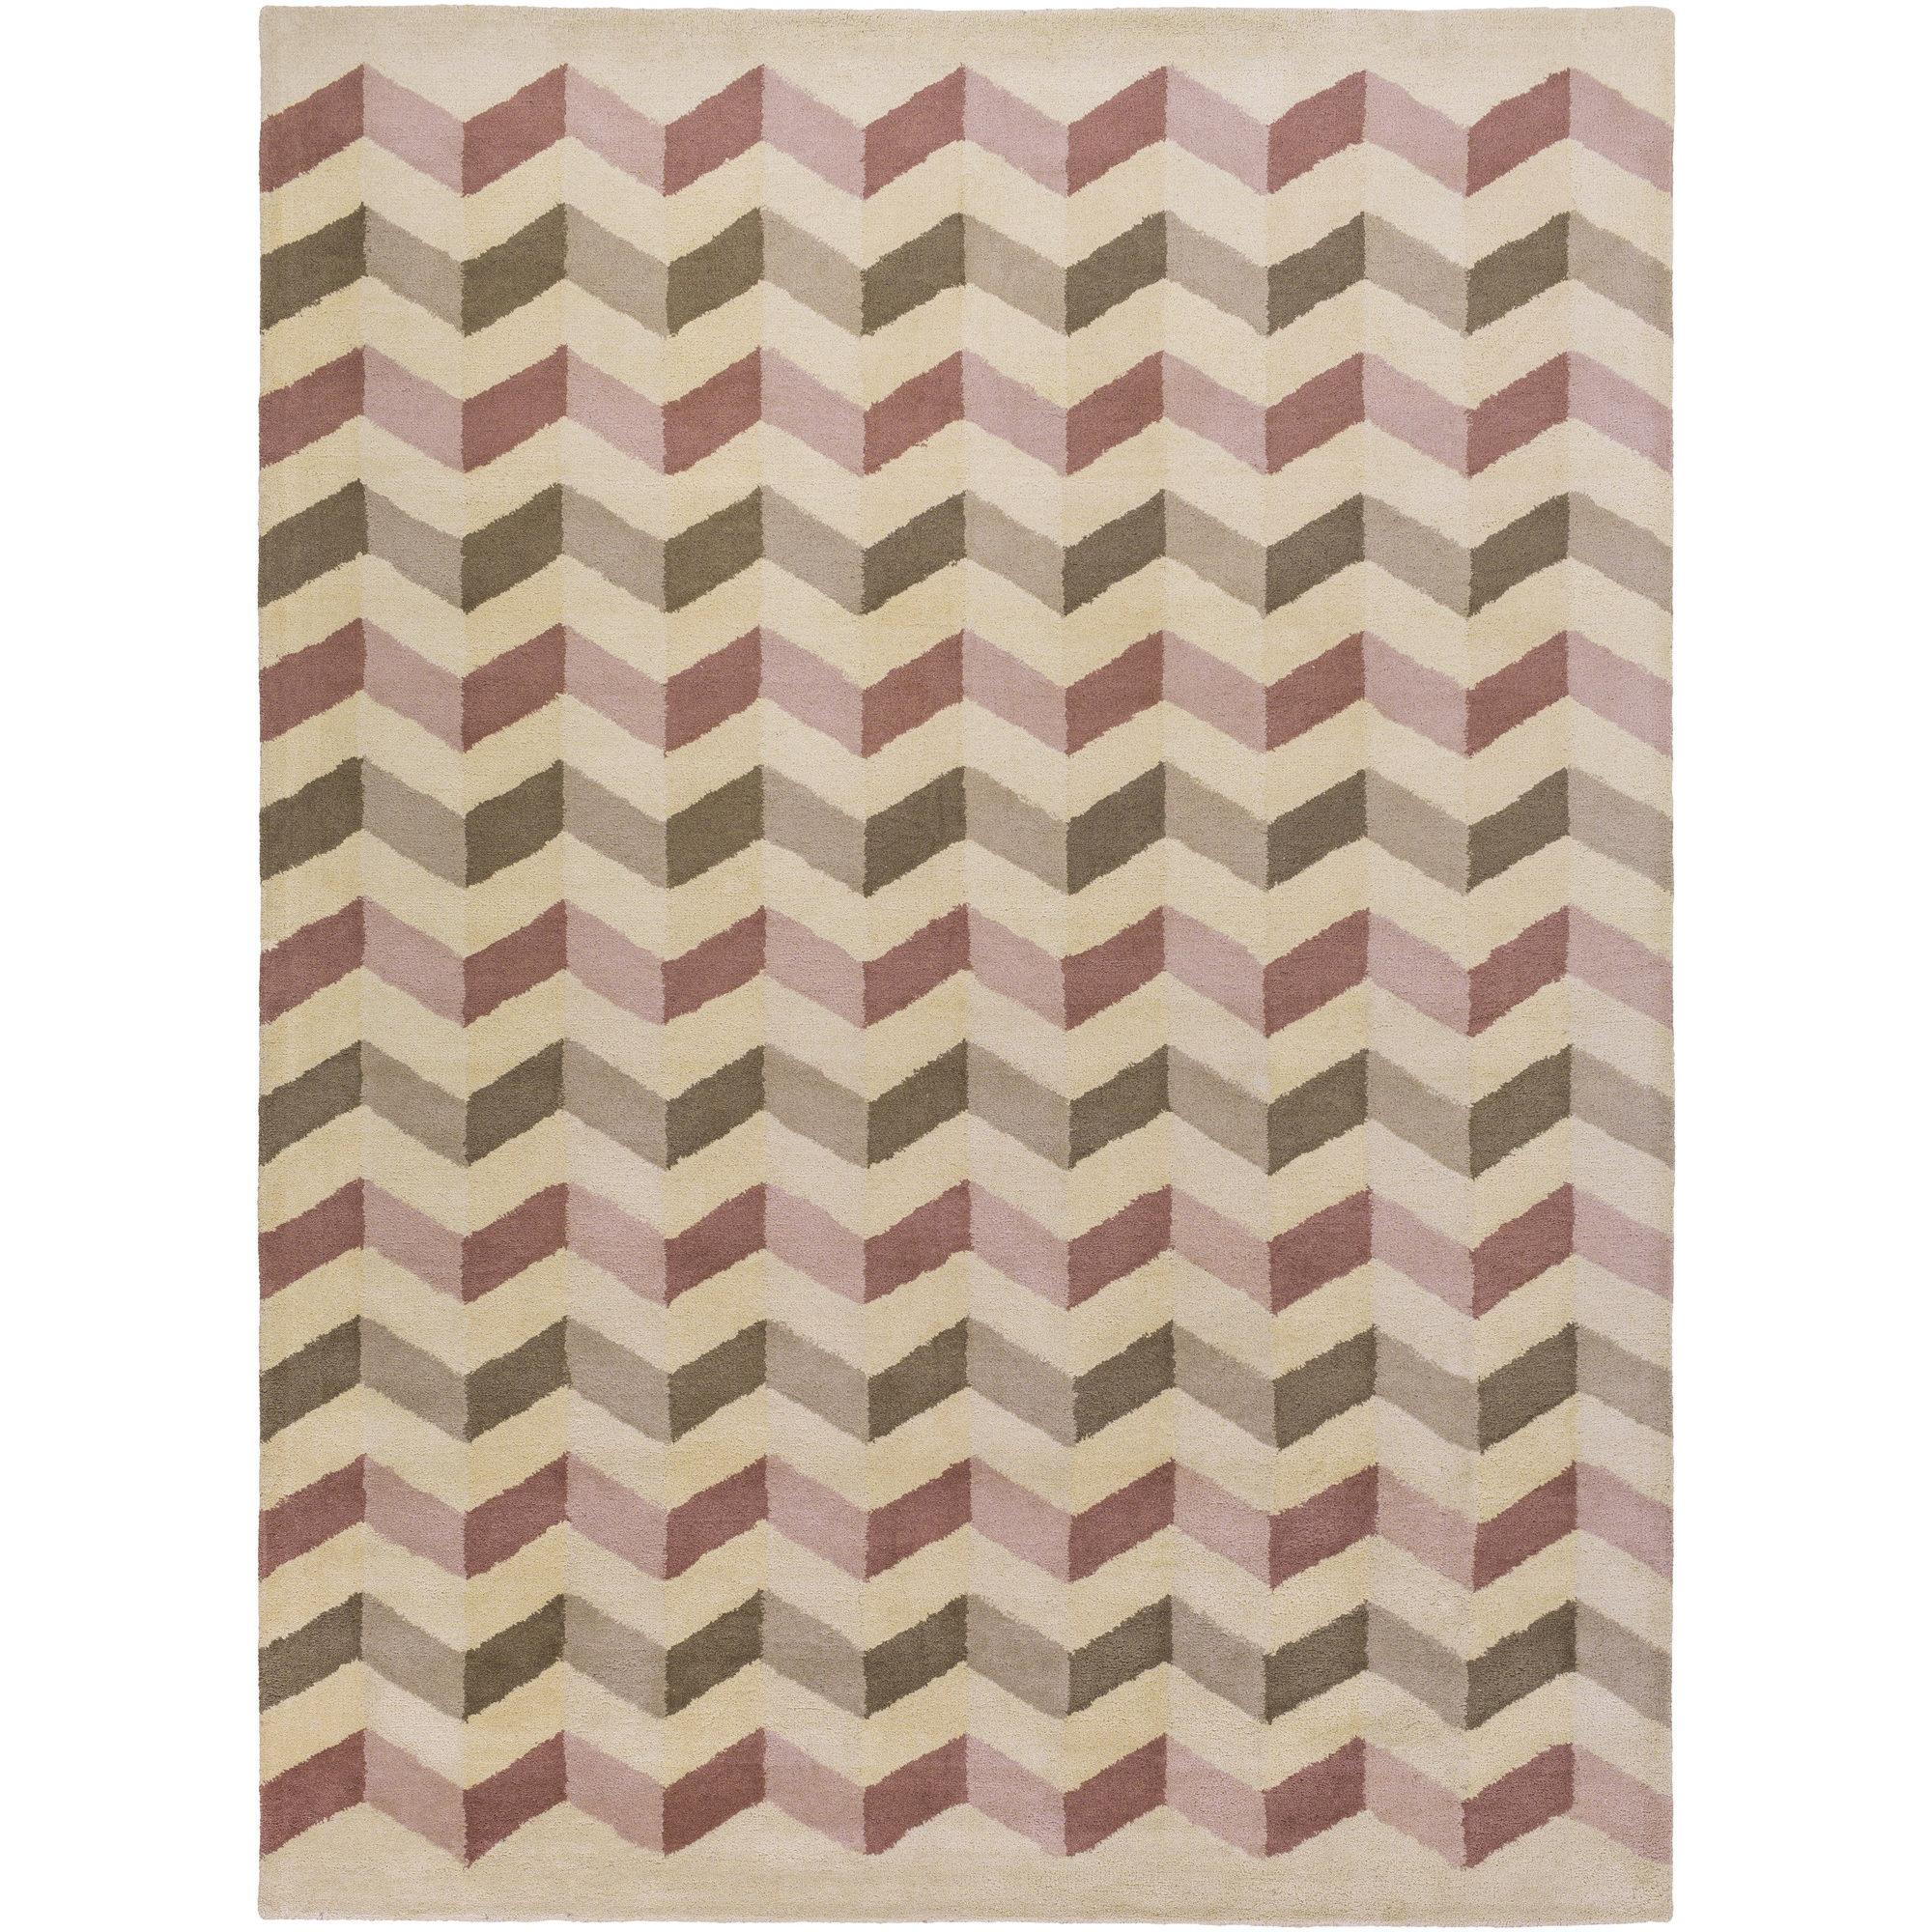 Brayden Studio Sevin Hand-Tufted Wool Pink Area Rug